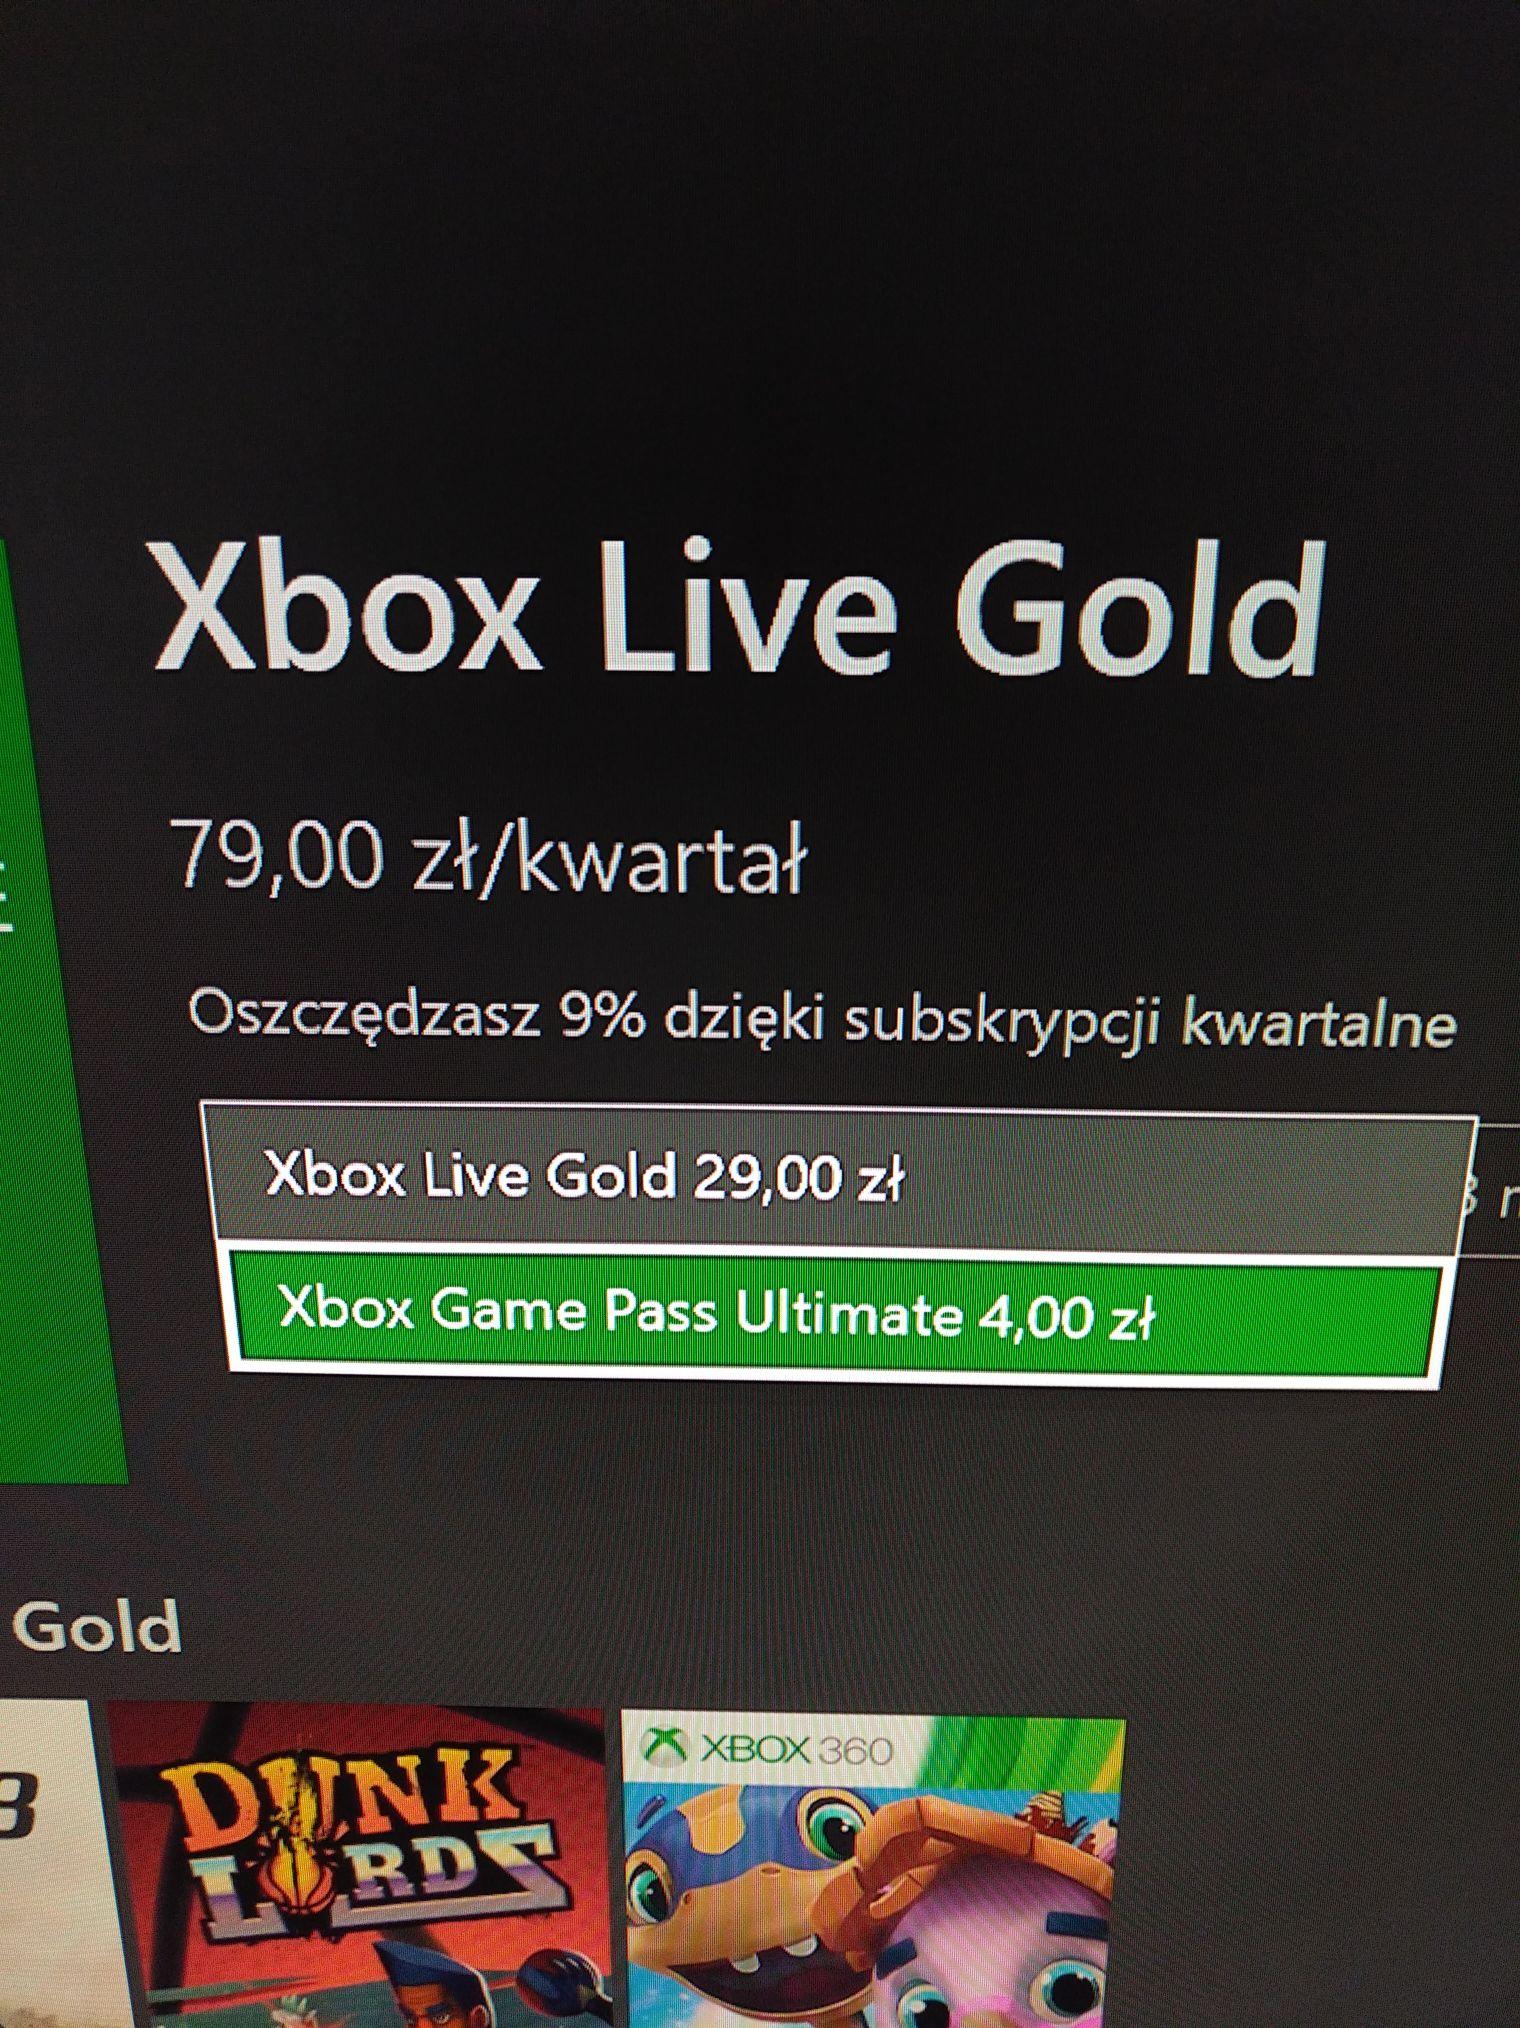 Ultimate Game Pass Xbox One za 4 zł dla posiadaczy subskrypcji